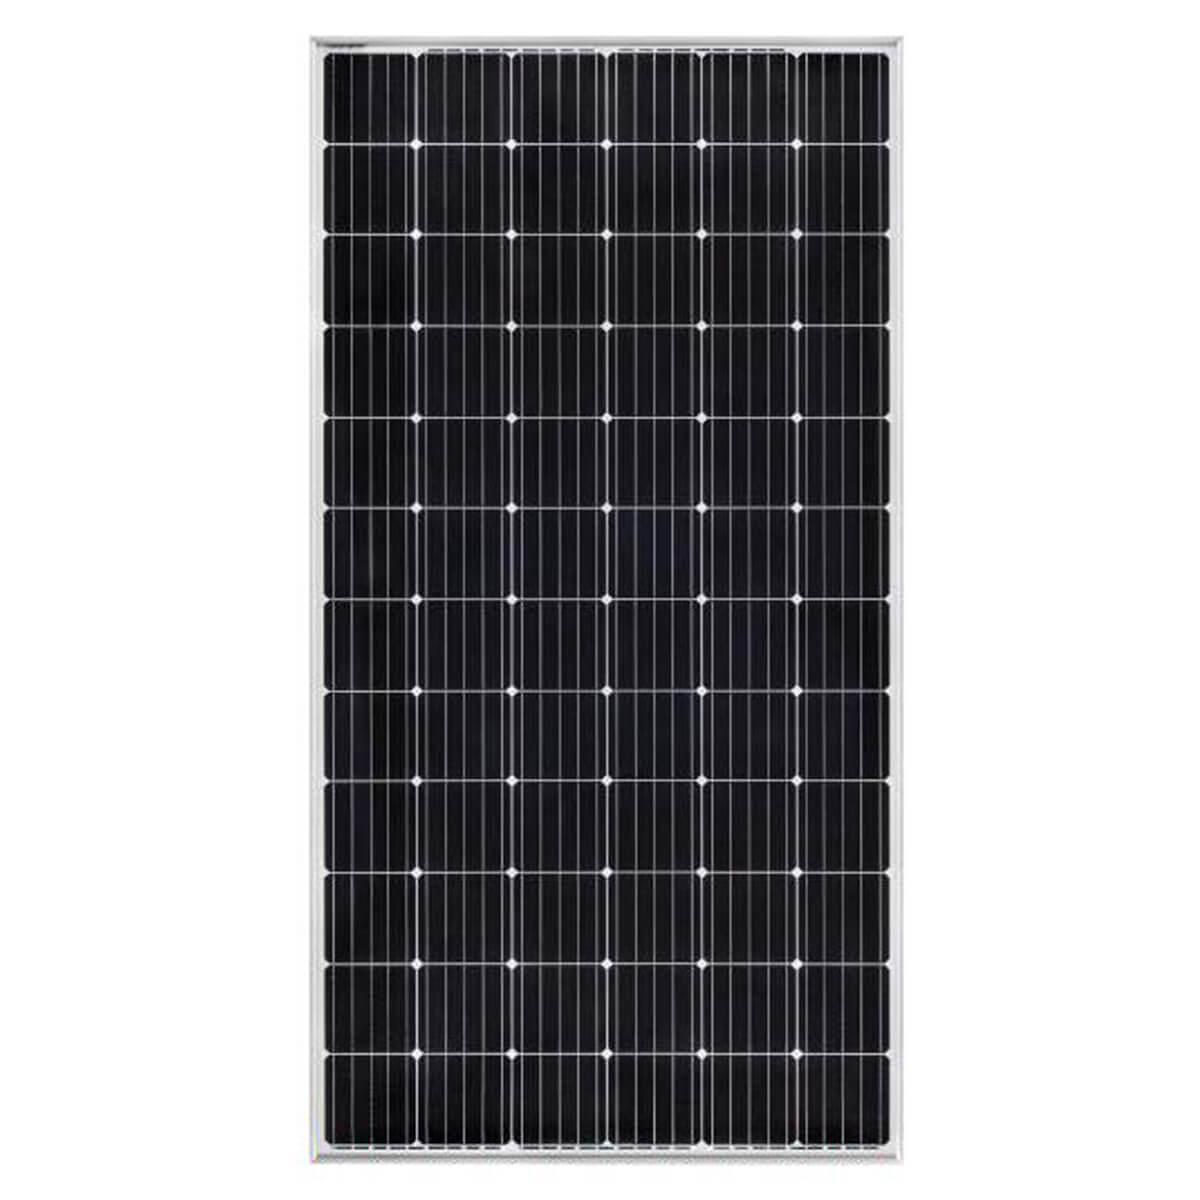 Odul solar 385W panel, odul solar 385Watt panel, Odul solar 385 W panel, odul solar 385 Watt panel, odul solar 385 Watt monokristal panel, Odul solar 385 W watt gunes paneli, odul solar 385 W watt monokristal gunes paneli, odul solar 385 W Watt fotovoltaik monokristal solar panel, odul solar 385W monokristal gunes enerjisi, odul solar OSMp72-385W panel